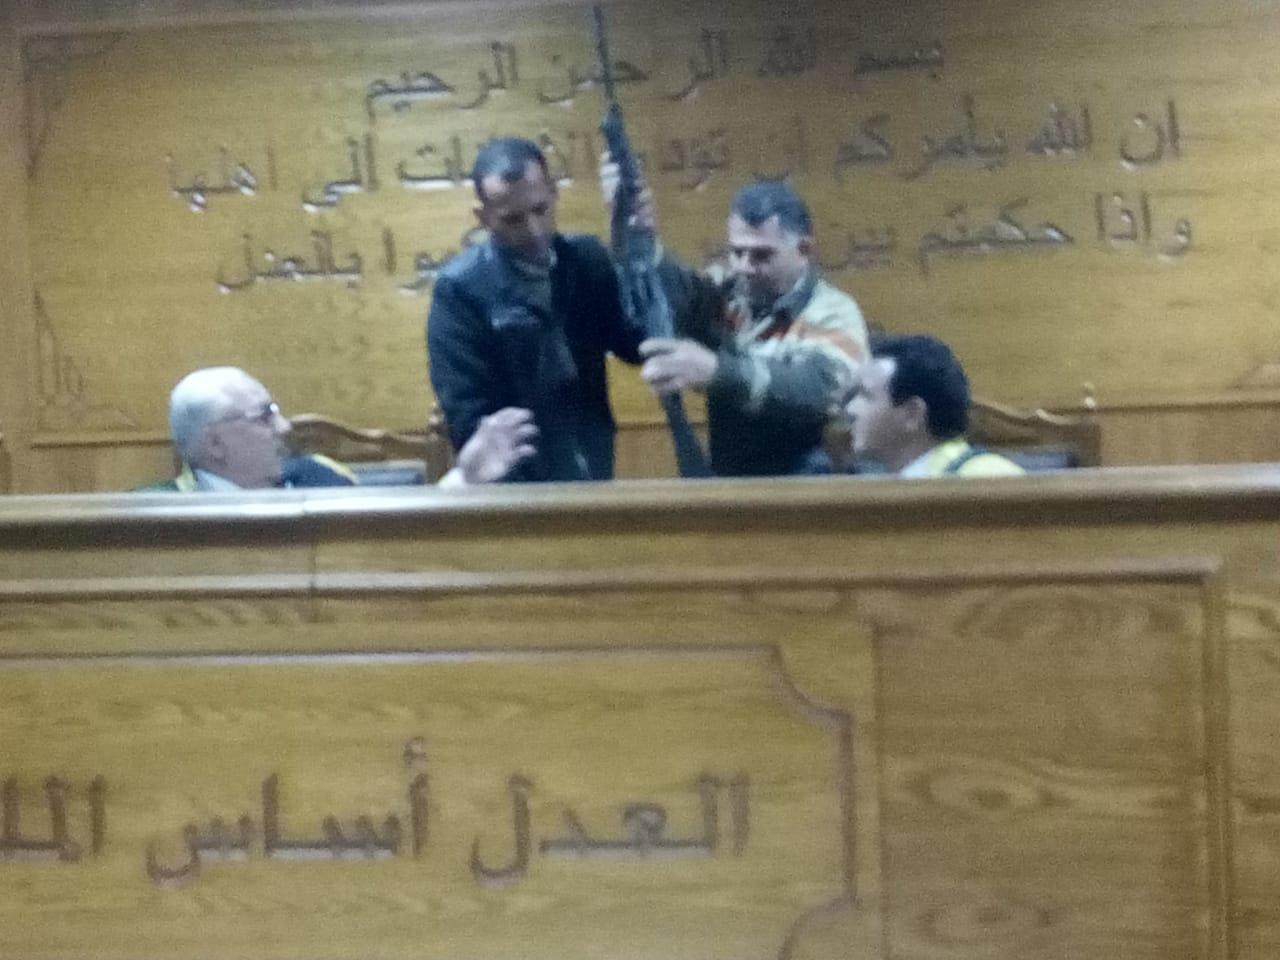 هيئة المحكمة برئاسة المستشار محمد سعيد الشربينى تفض احراز العائدون من ليبيا (6)